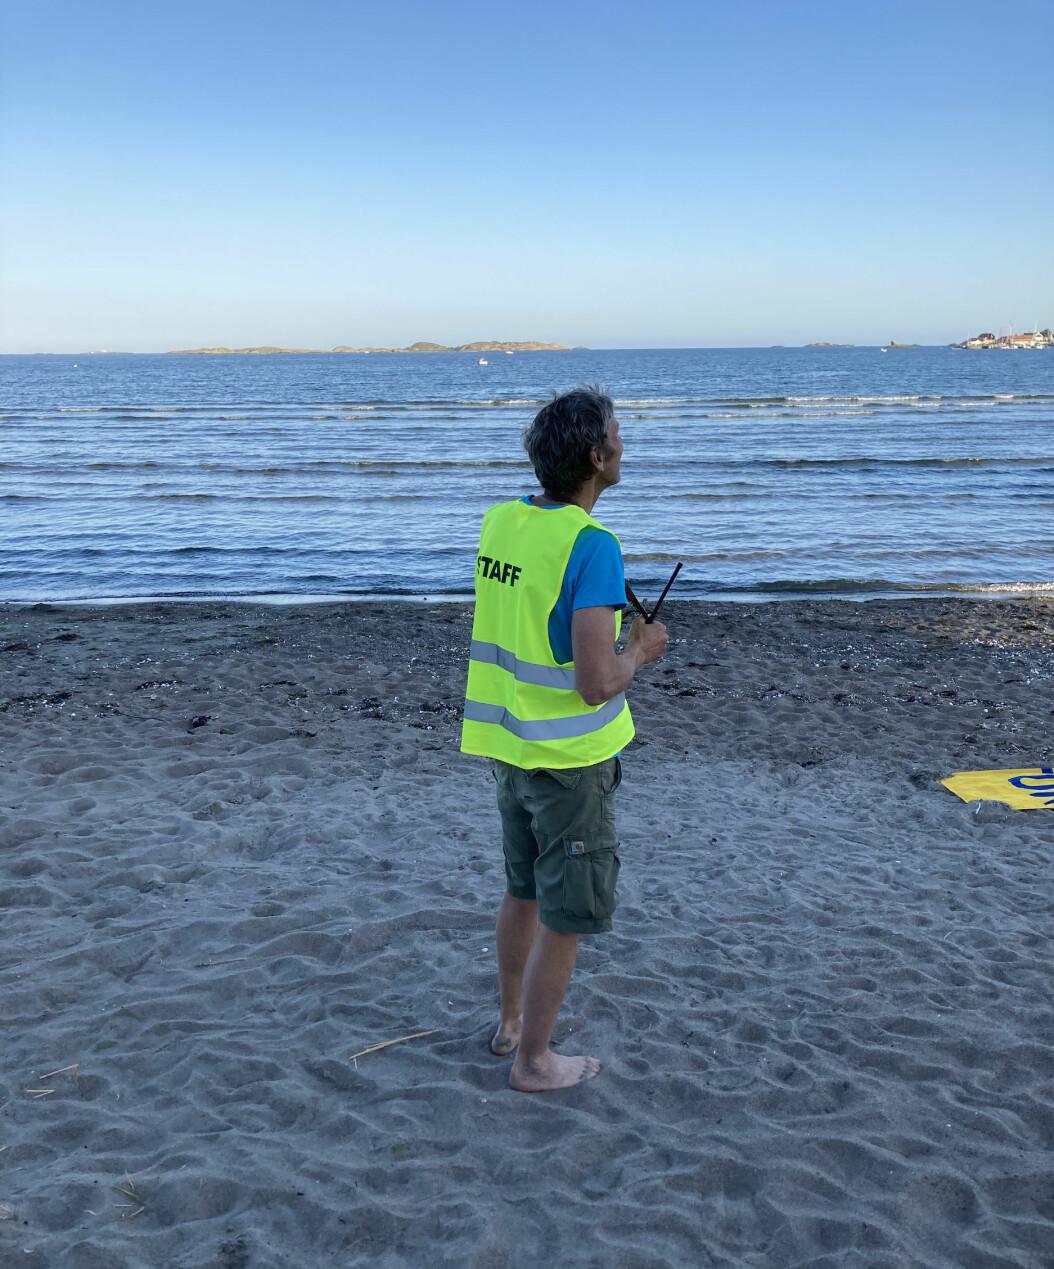 Som daglig leder kan du organisere deg til en arbeidsdag på stranden, hvis du har lyst til det.